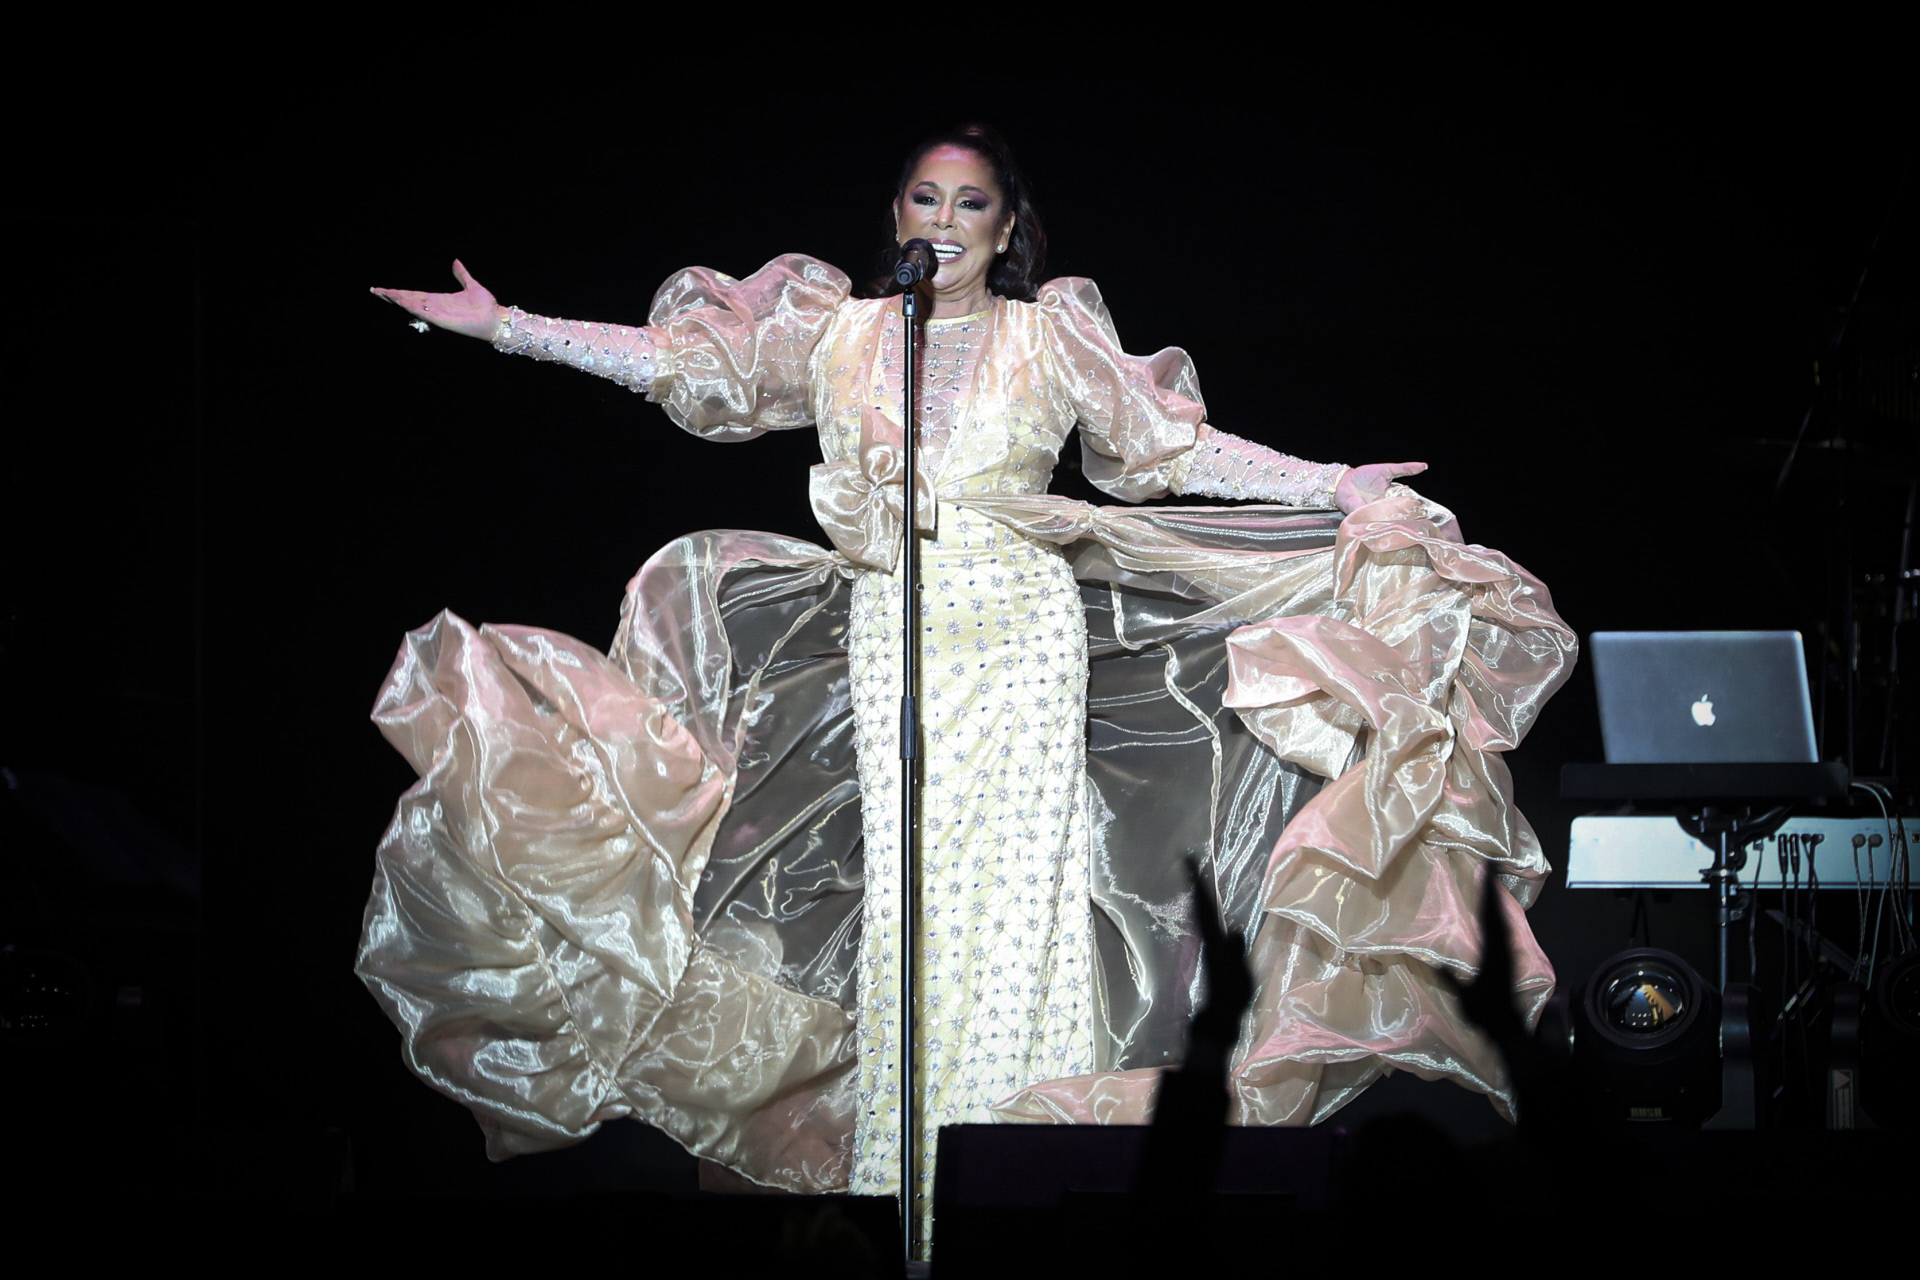 La cantante, hasta su último concierto hasta la fecha, el pasado mes de marzo.